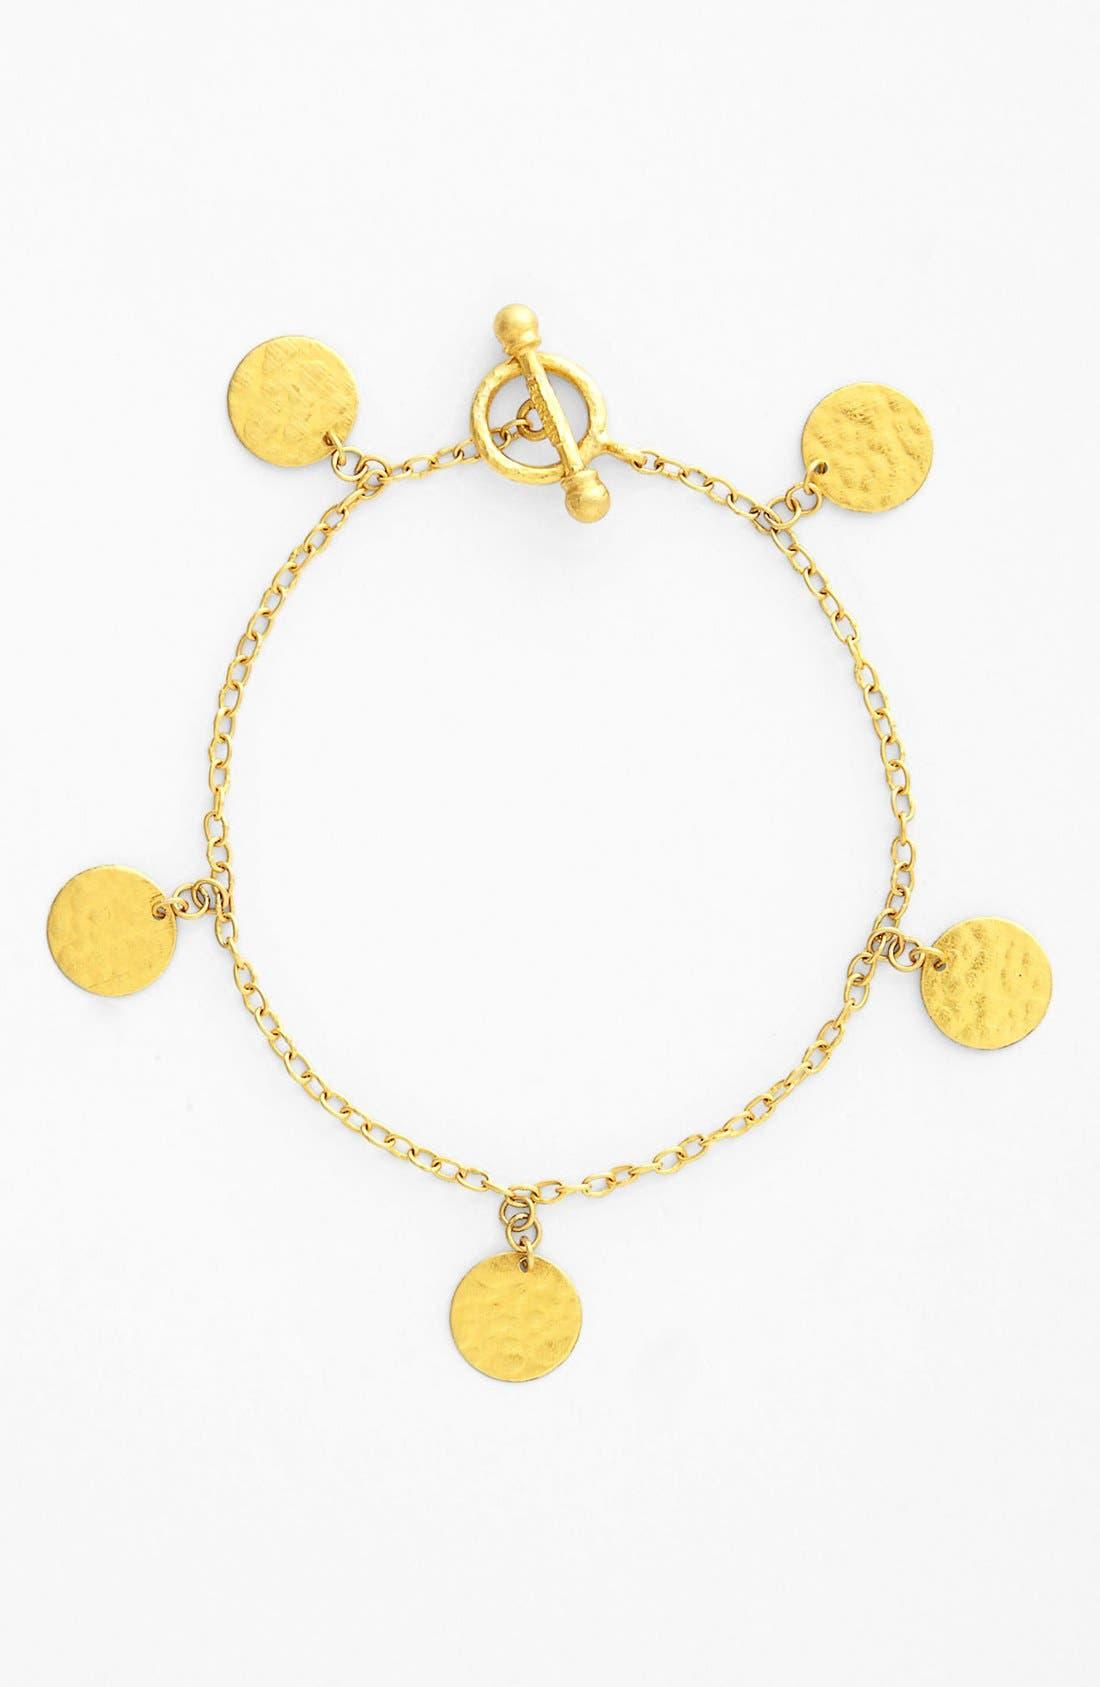 Alternate Image 1 Selected - Gurhan 'Lush' Charm Bracelet